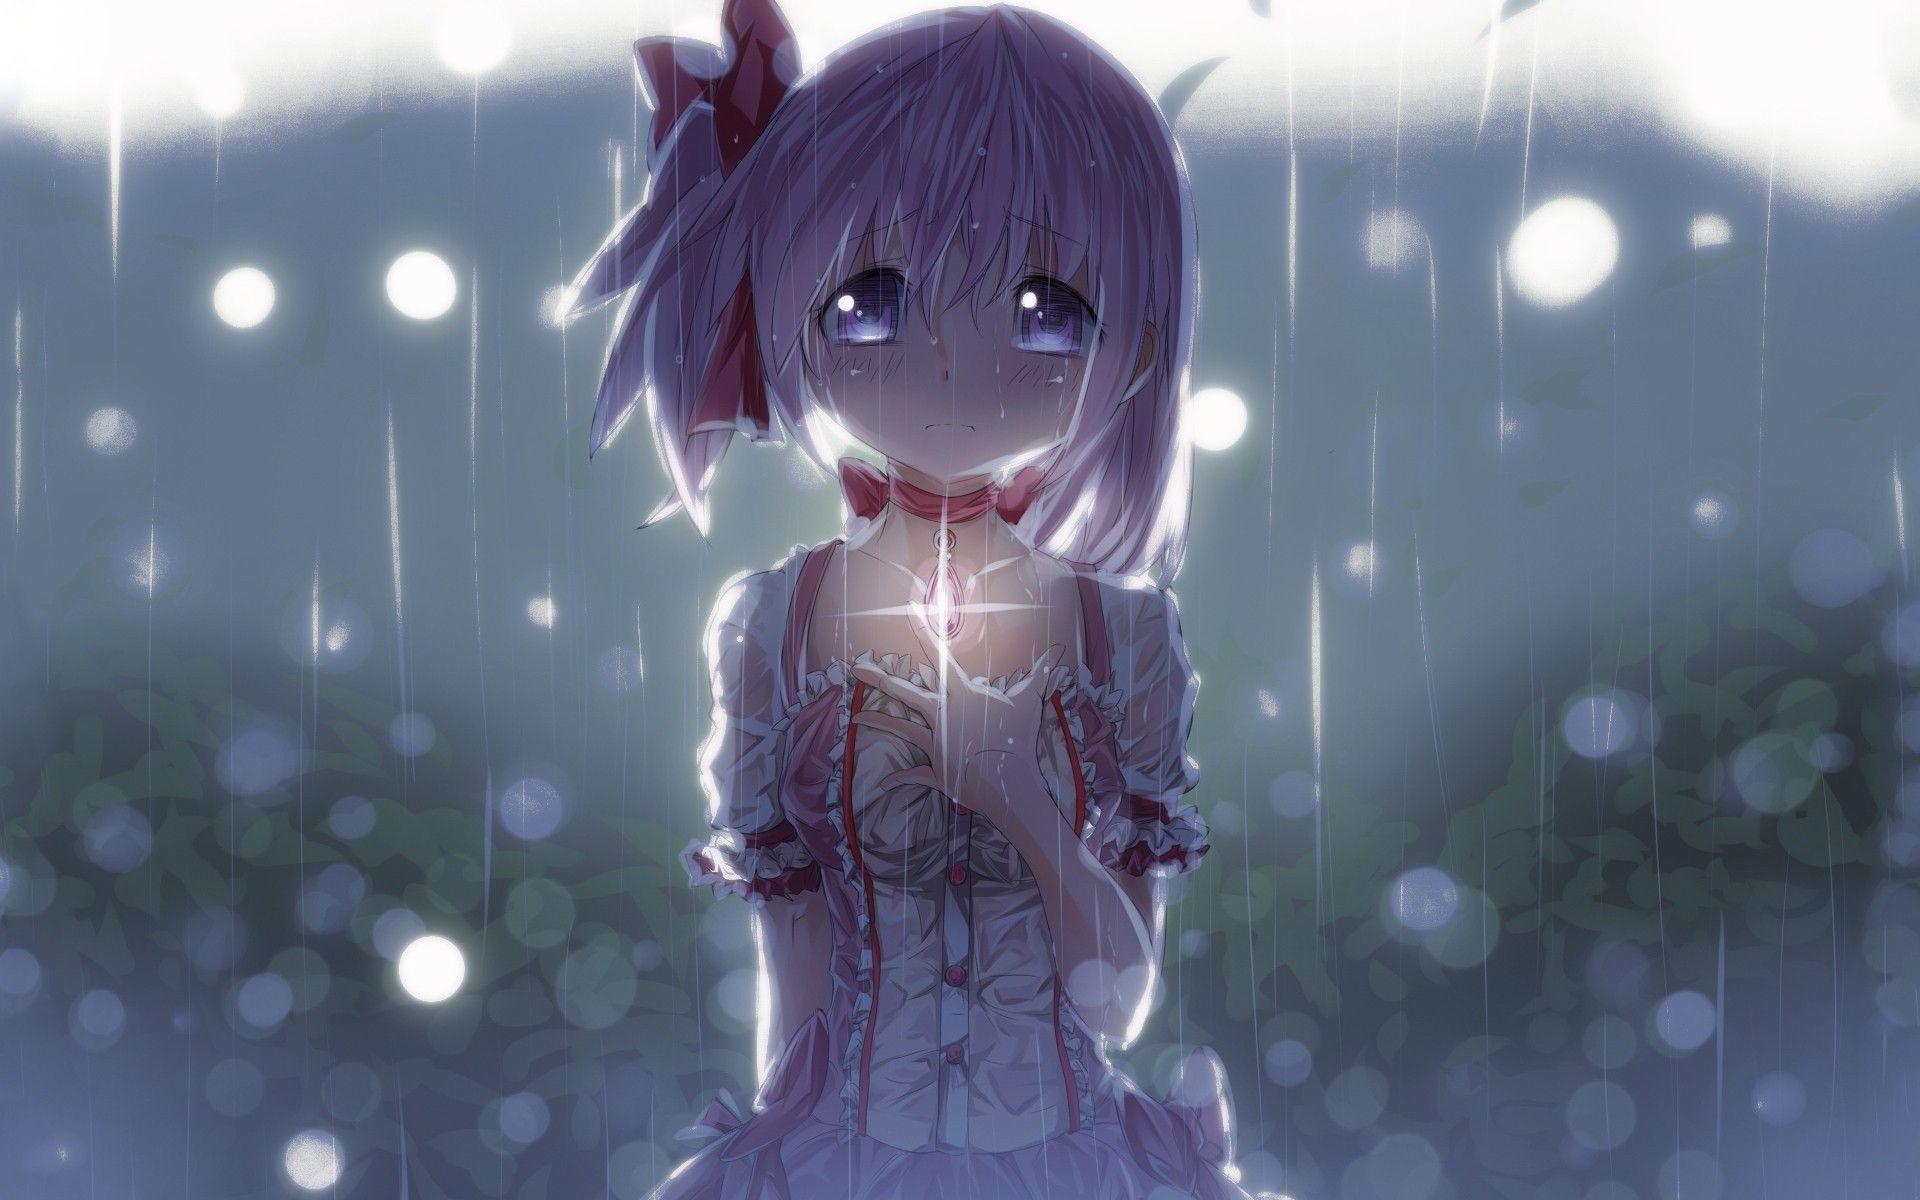 Sad Anime Wallpapers Group (70+)